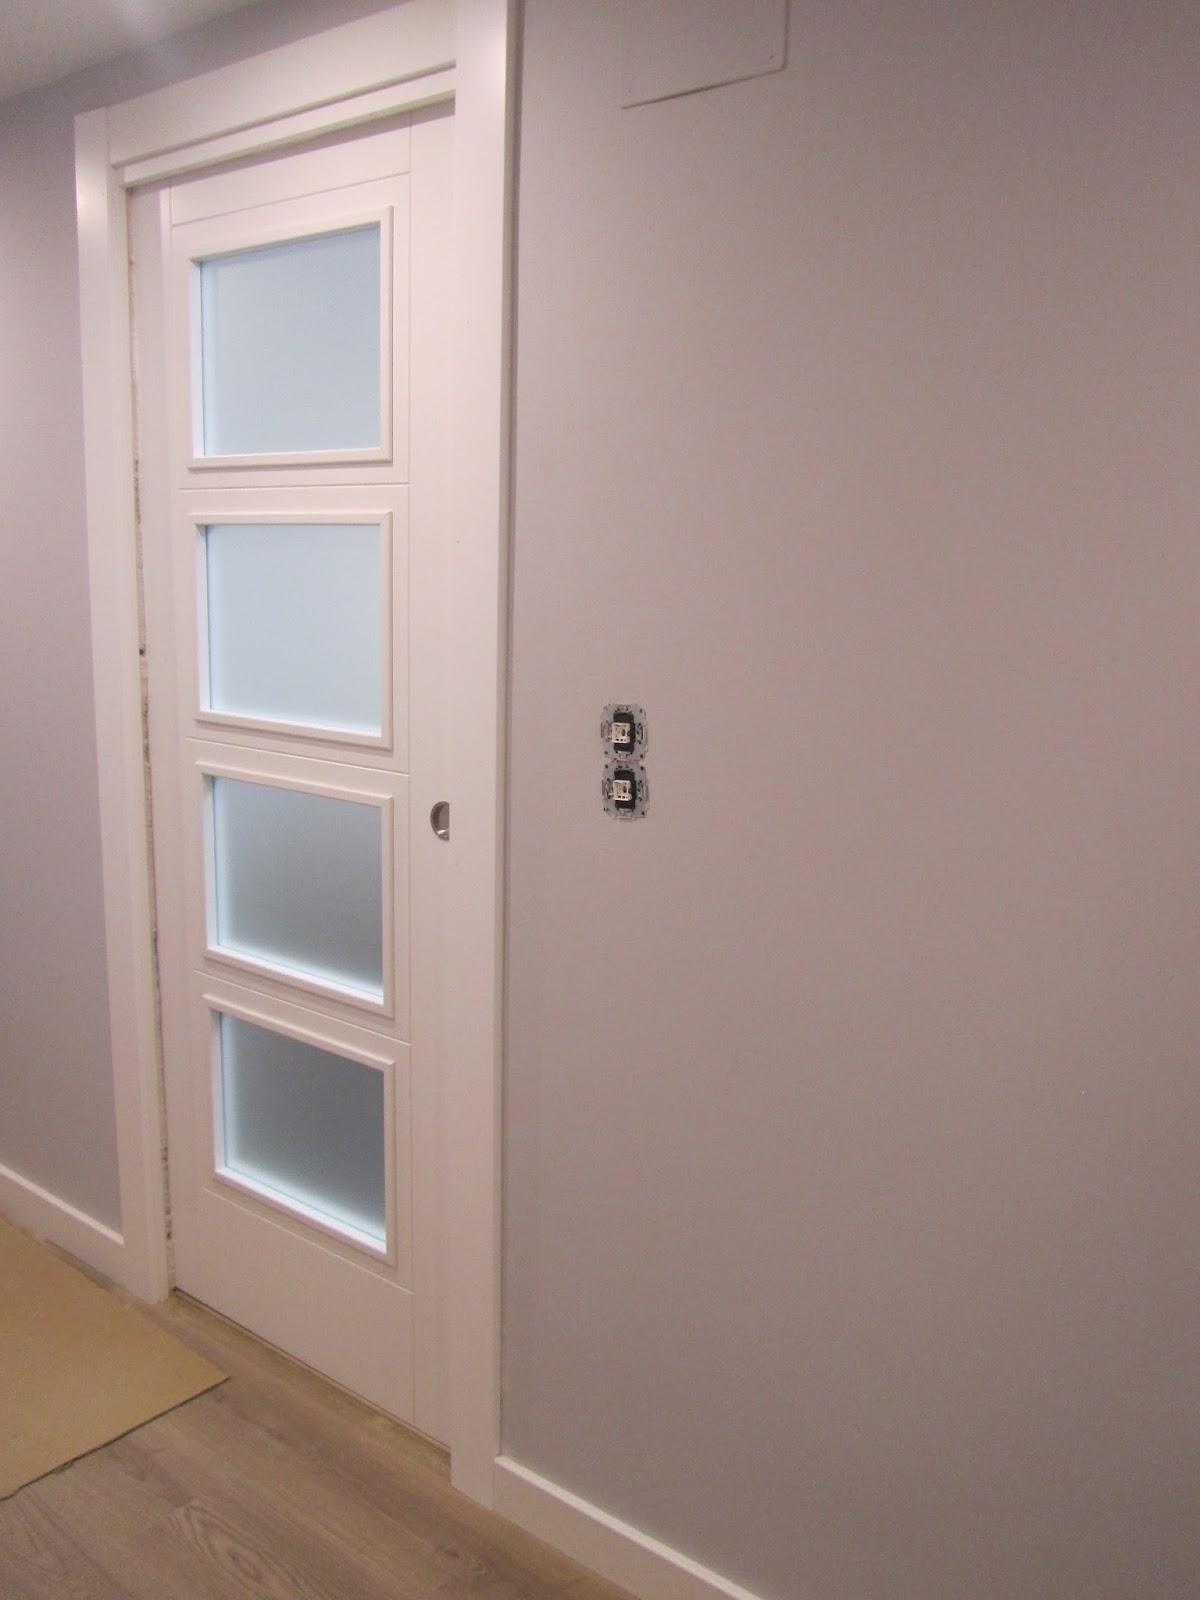 Puertas lozano venta puertas lacadas blancas puerta - Puertas lacadas blancas ...